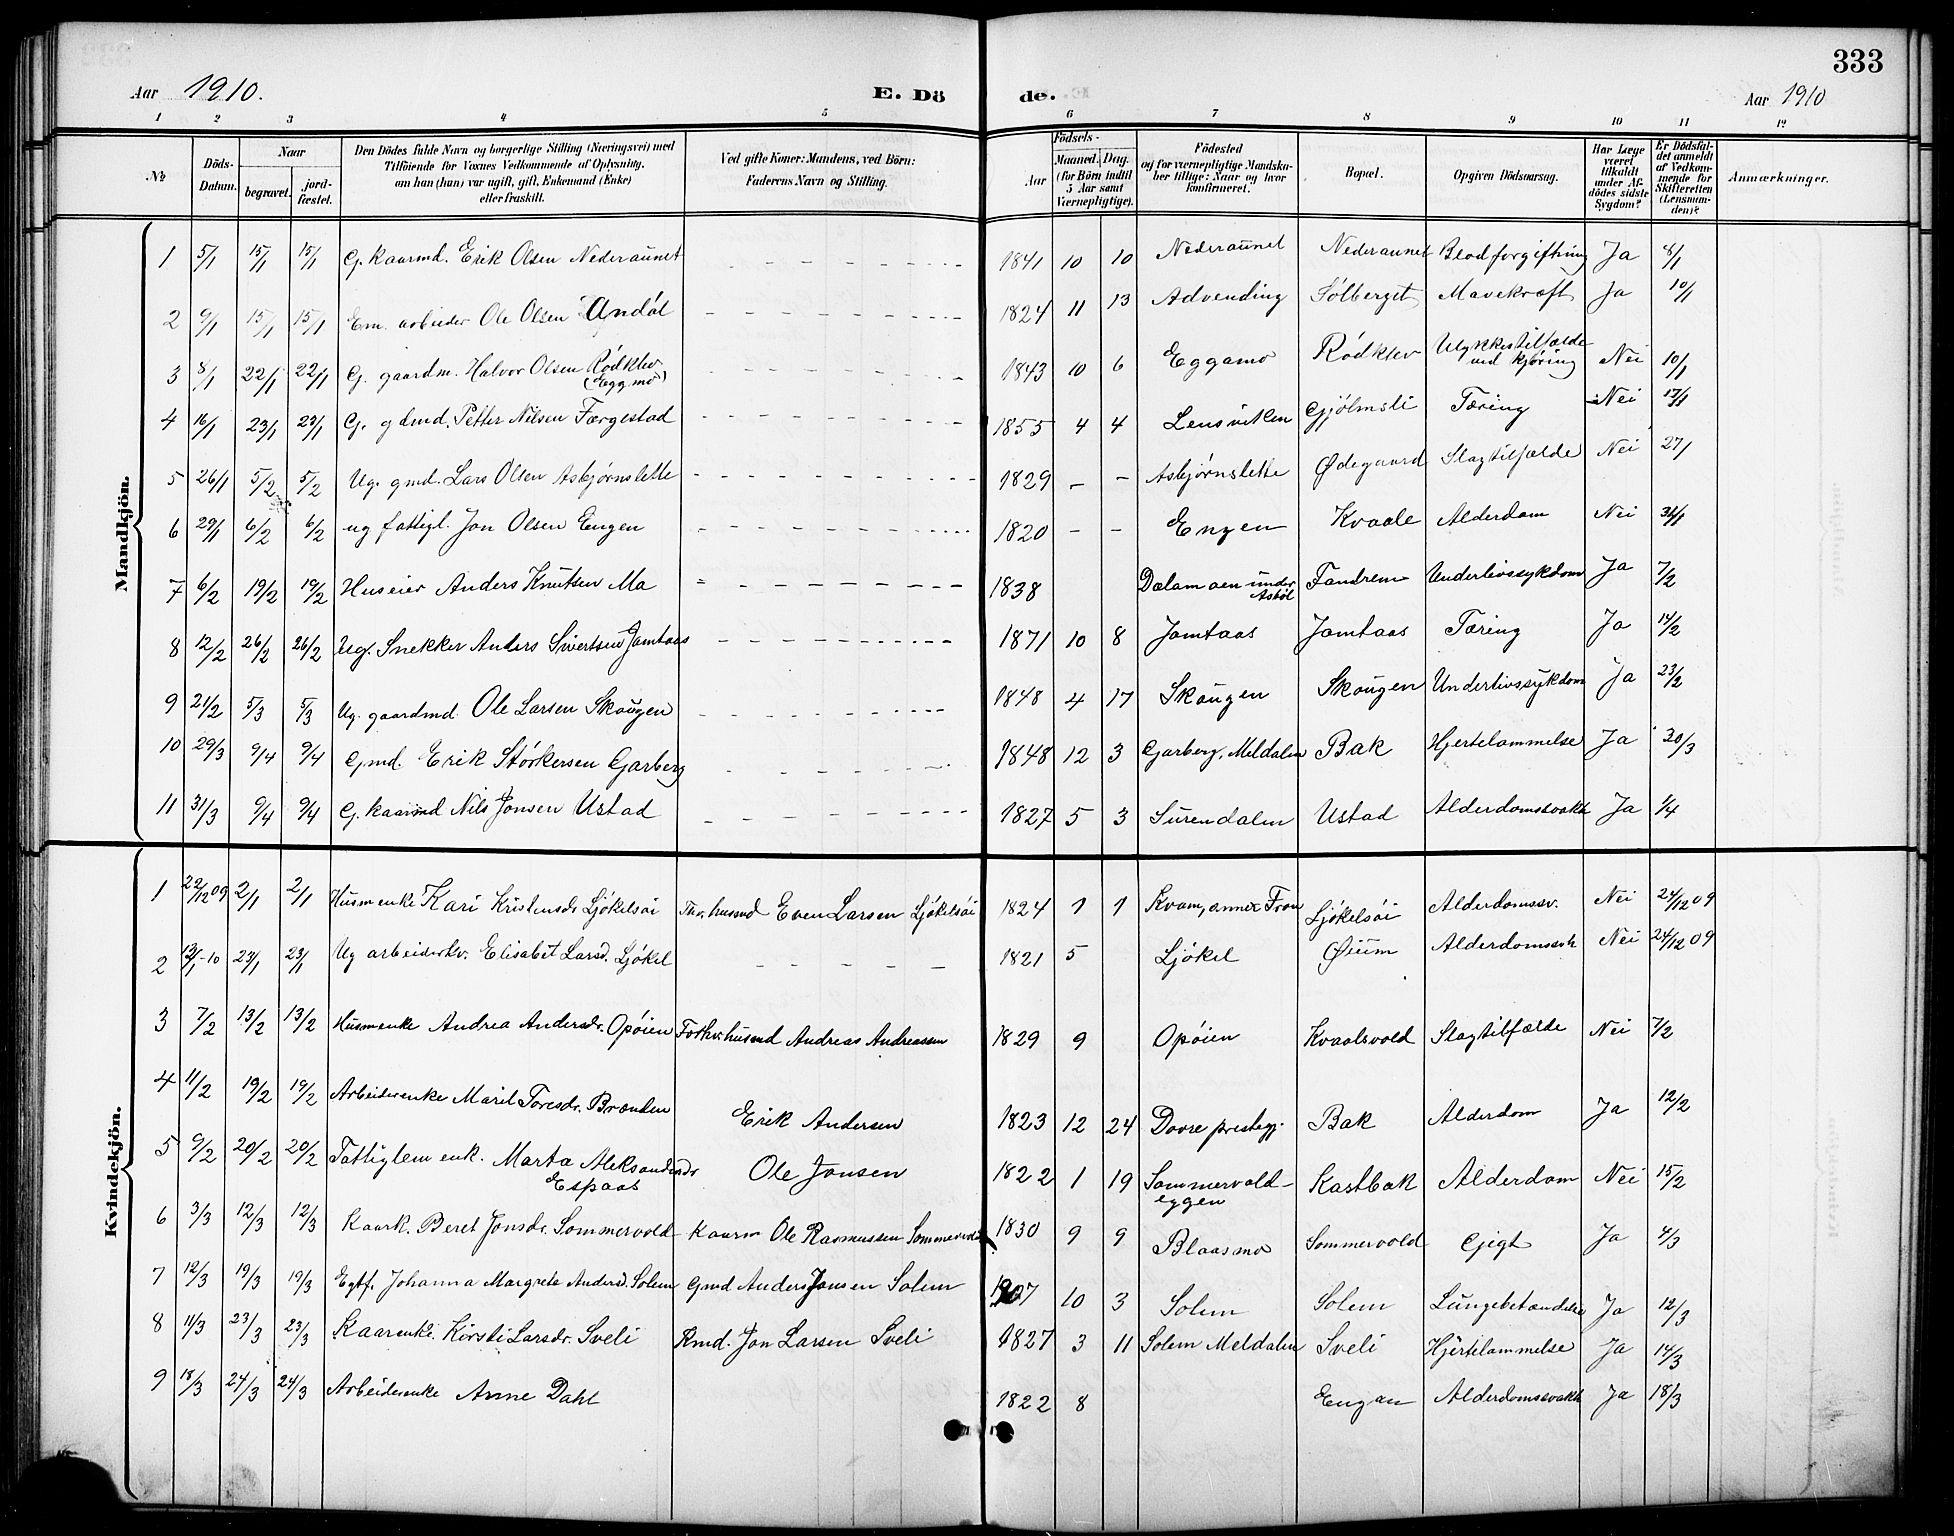 SAT, Ministerialprotokoller, klokkerbøker og fødselsregistre - Sør-Trøndelag, 668/L0819: Klokkerbok nr. 668C08, 1899-1912, s. 333